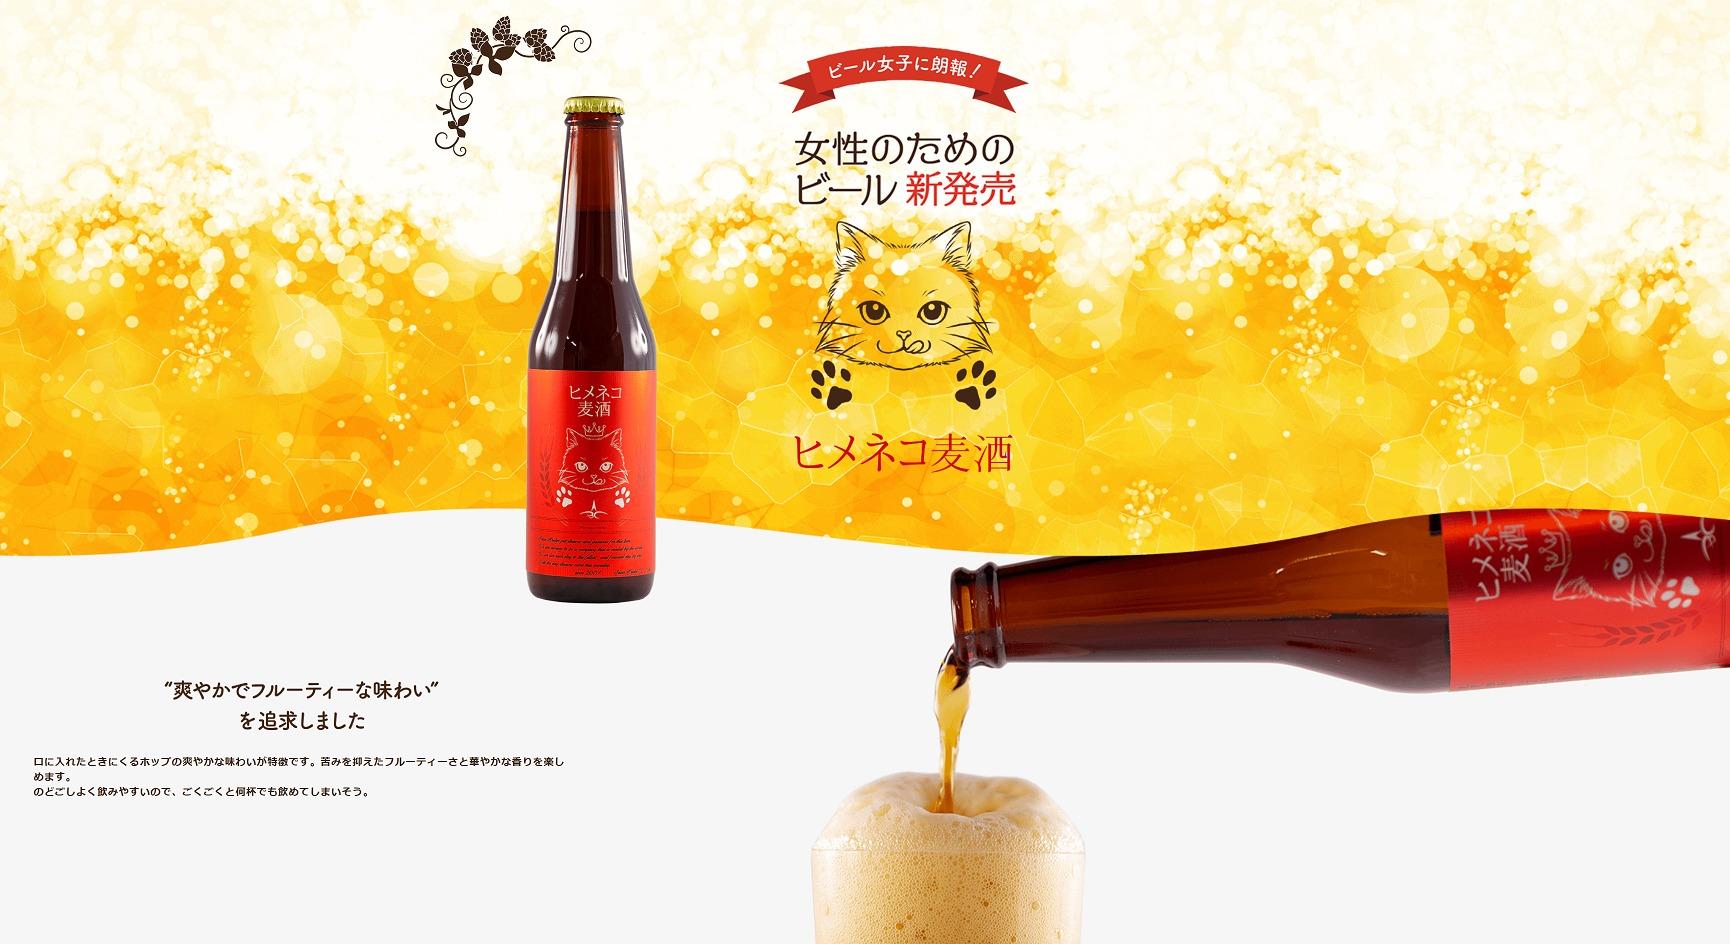 Asian Bridge&金澤麦酒「ヒメネコビール」